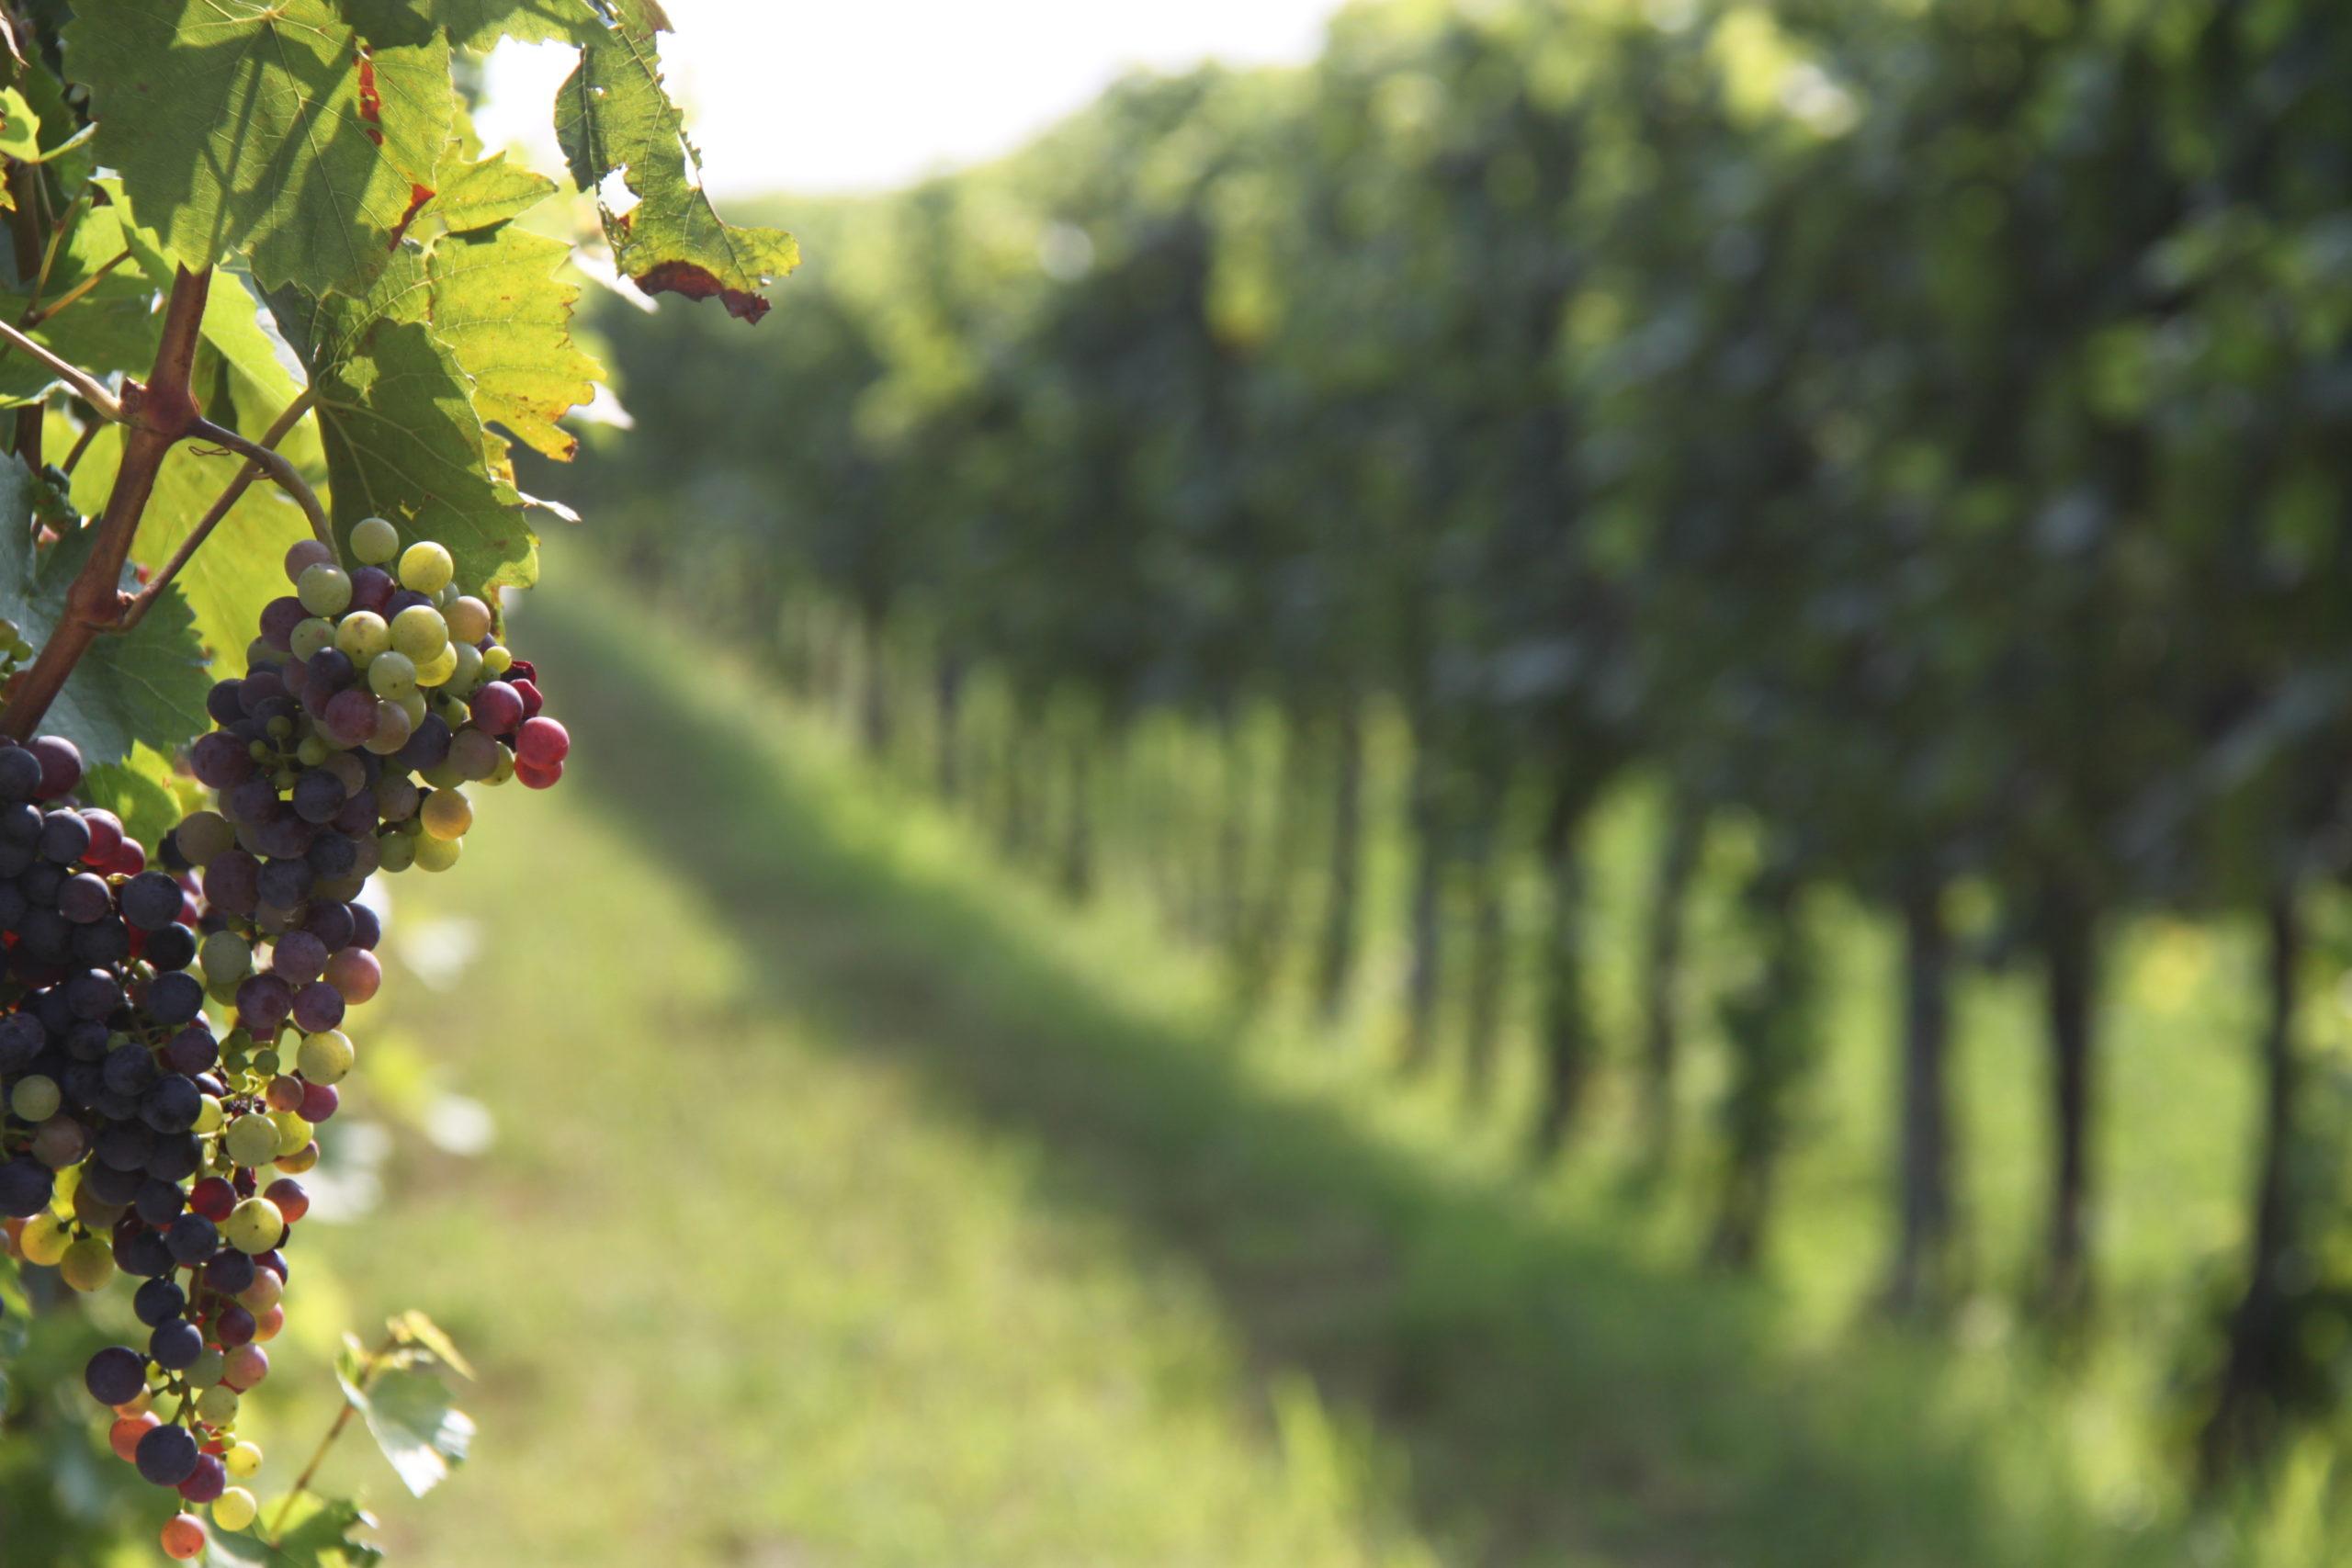 hogy a szőlő hogyan befolyásolja az erekciót